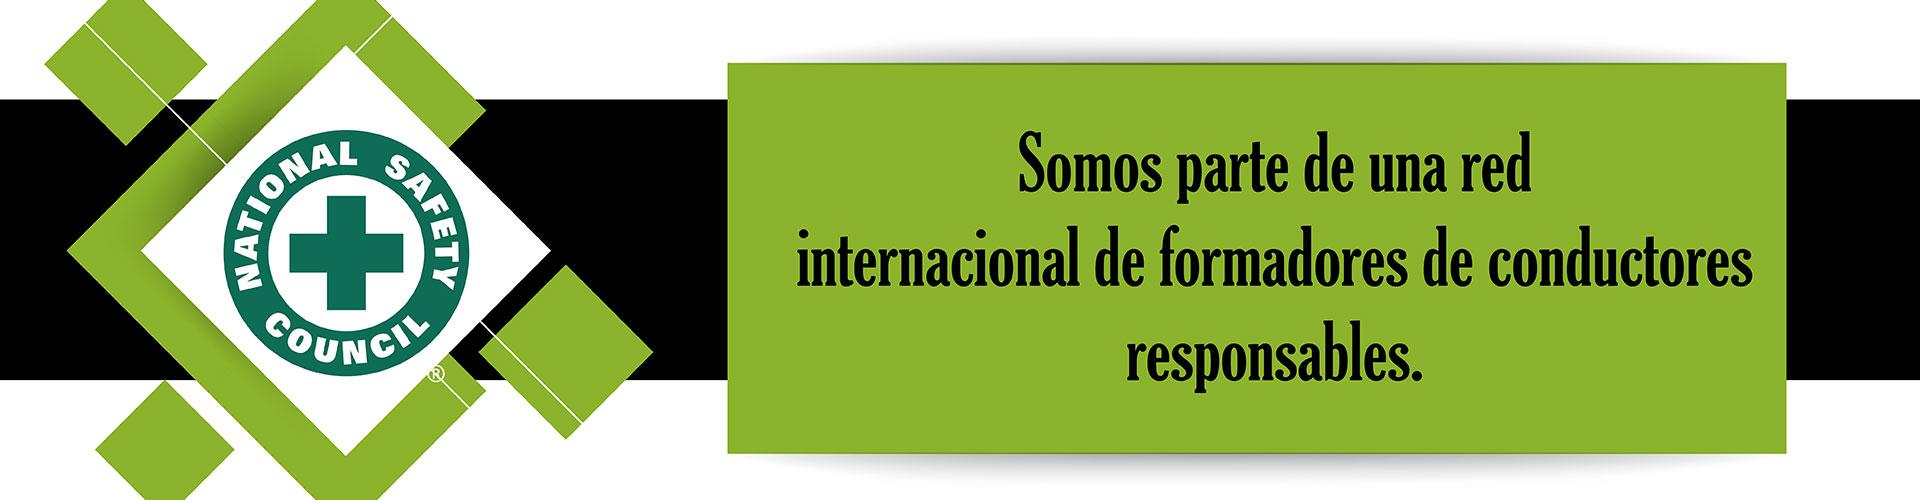 Red Internacional de Formadores de Conductores Responsables.